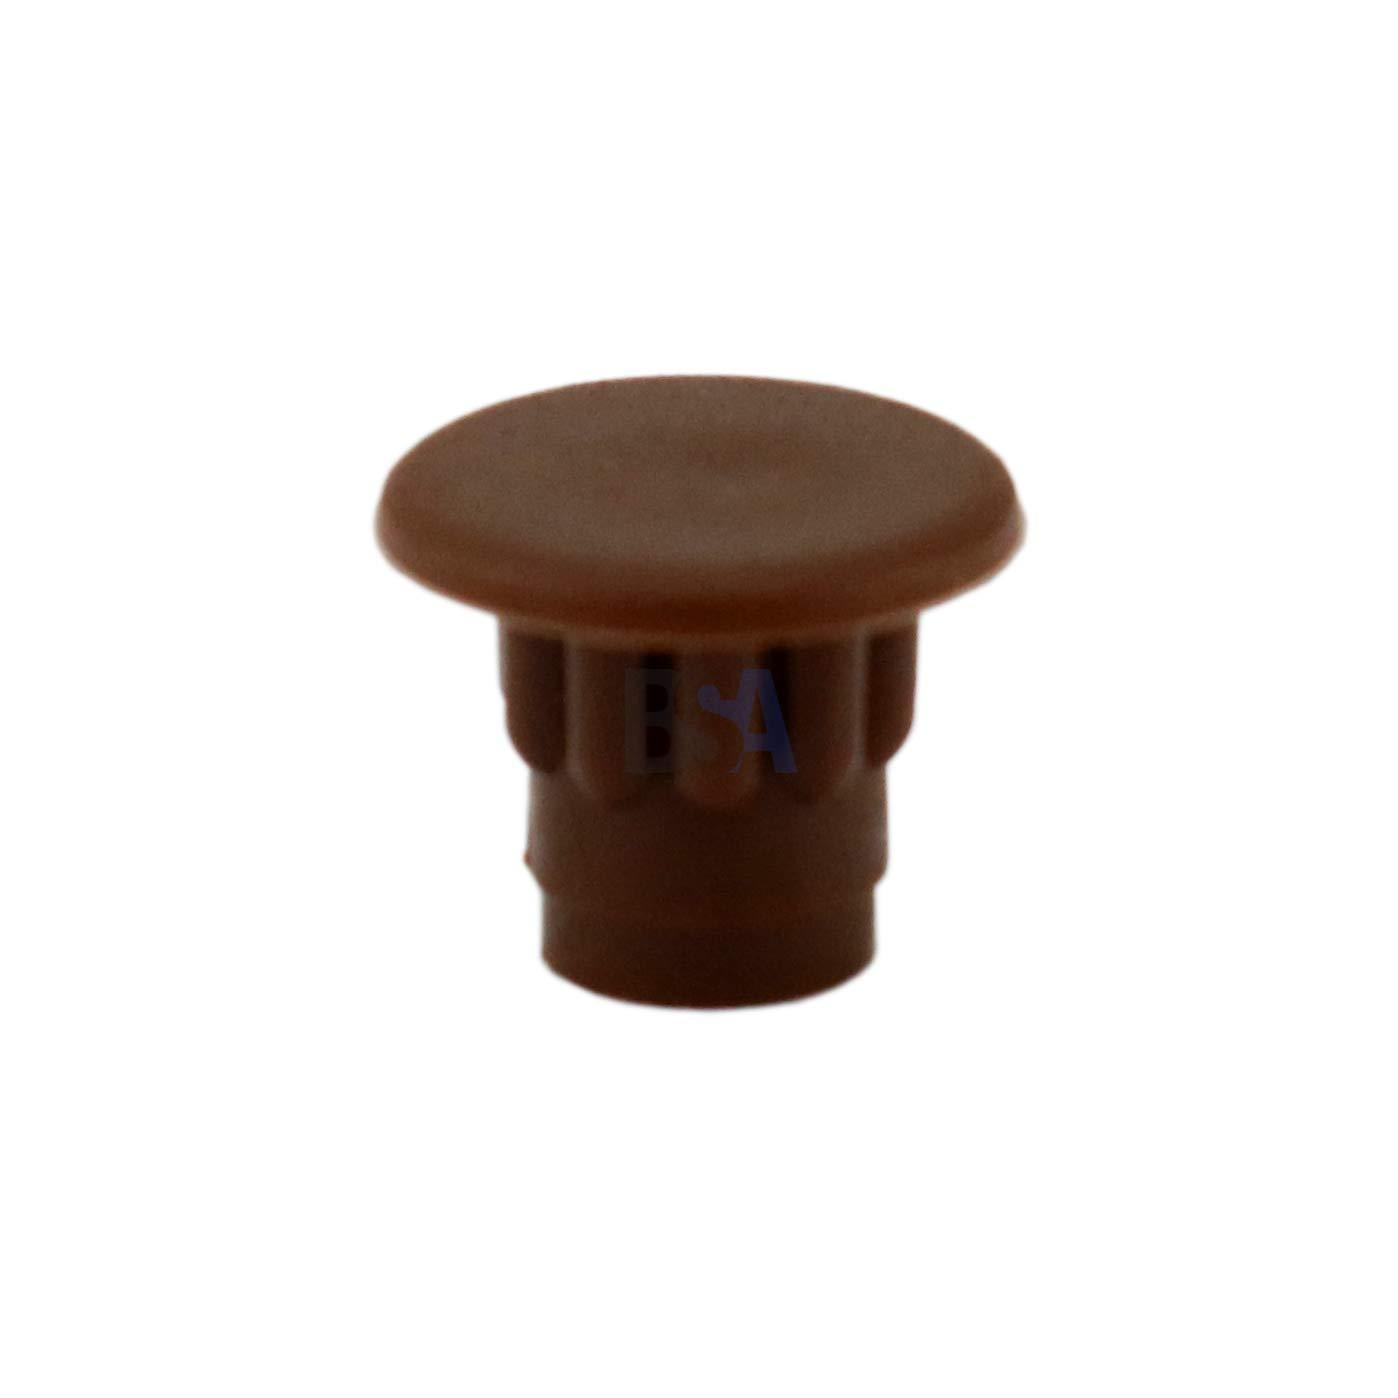 WURTH 06832772-20 tapones para agujero de 5 mm cabeza: 7 mm color marr/ón pl/ástico tap/ón: cubre agujero para muebles de 5 mm profundidad del orificio: 5 mm